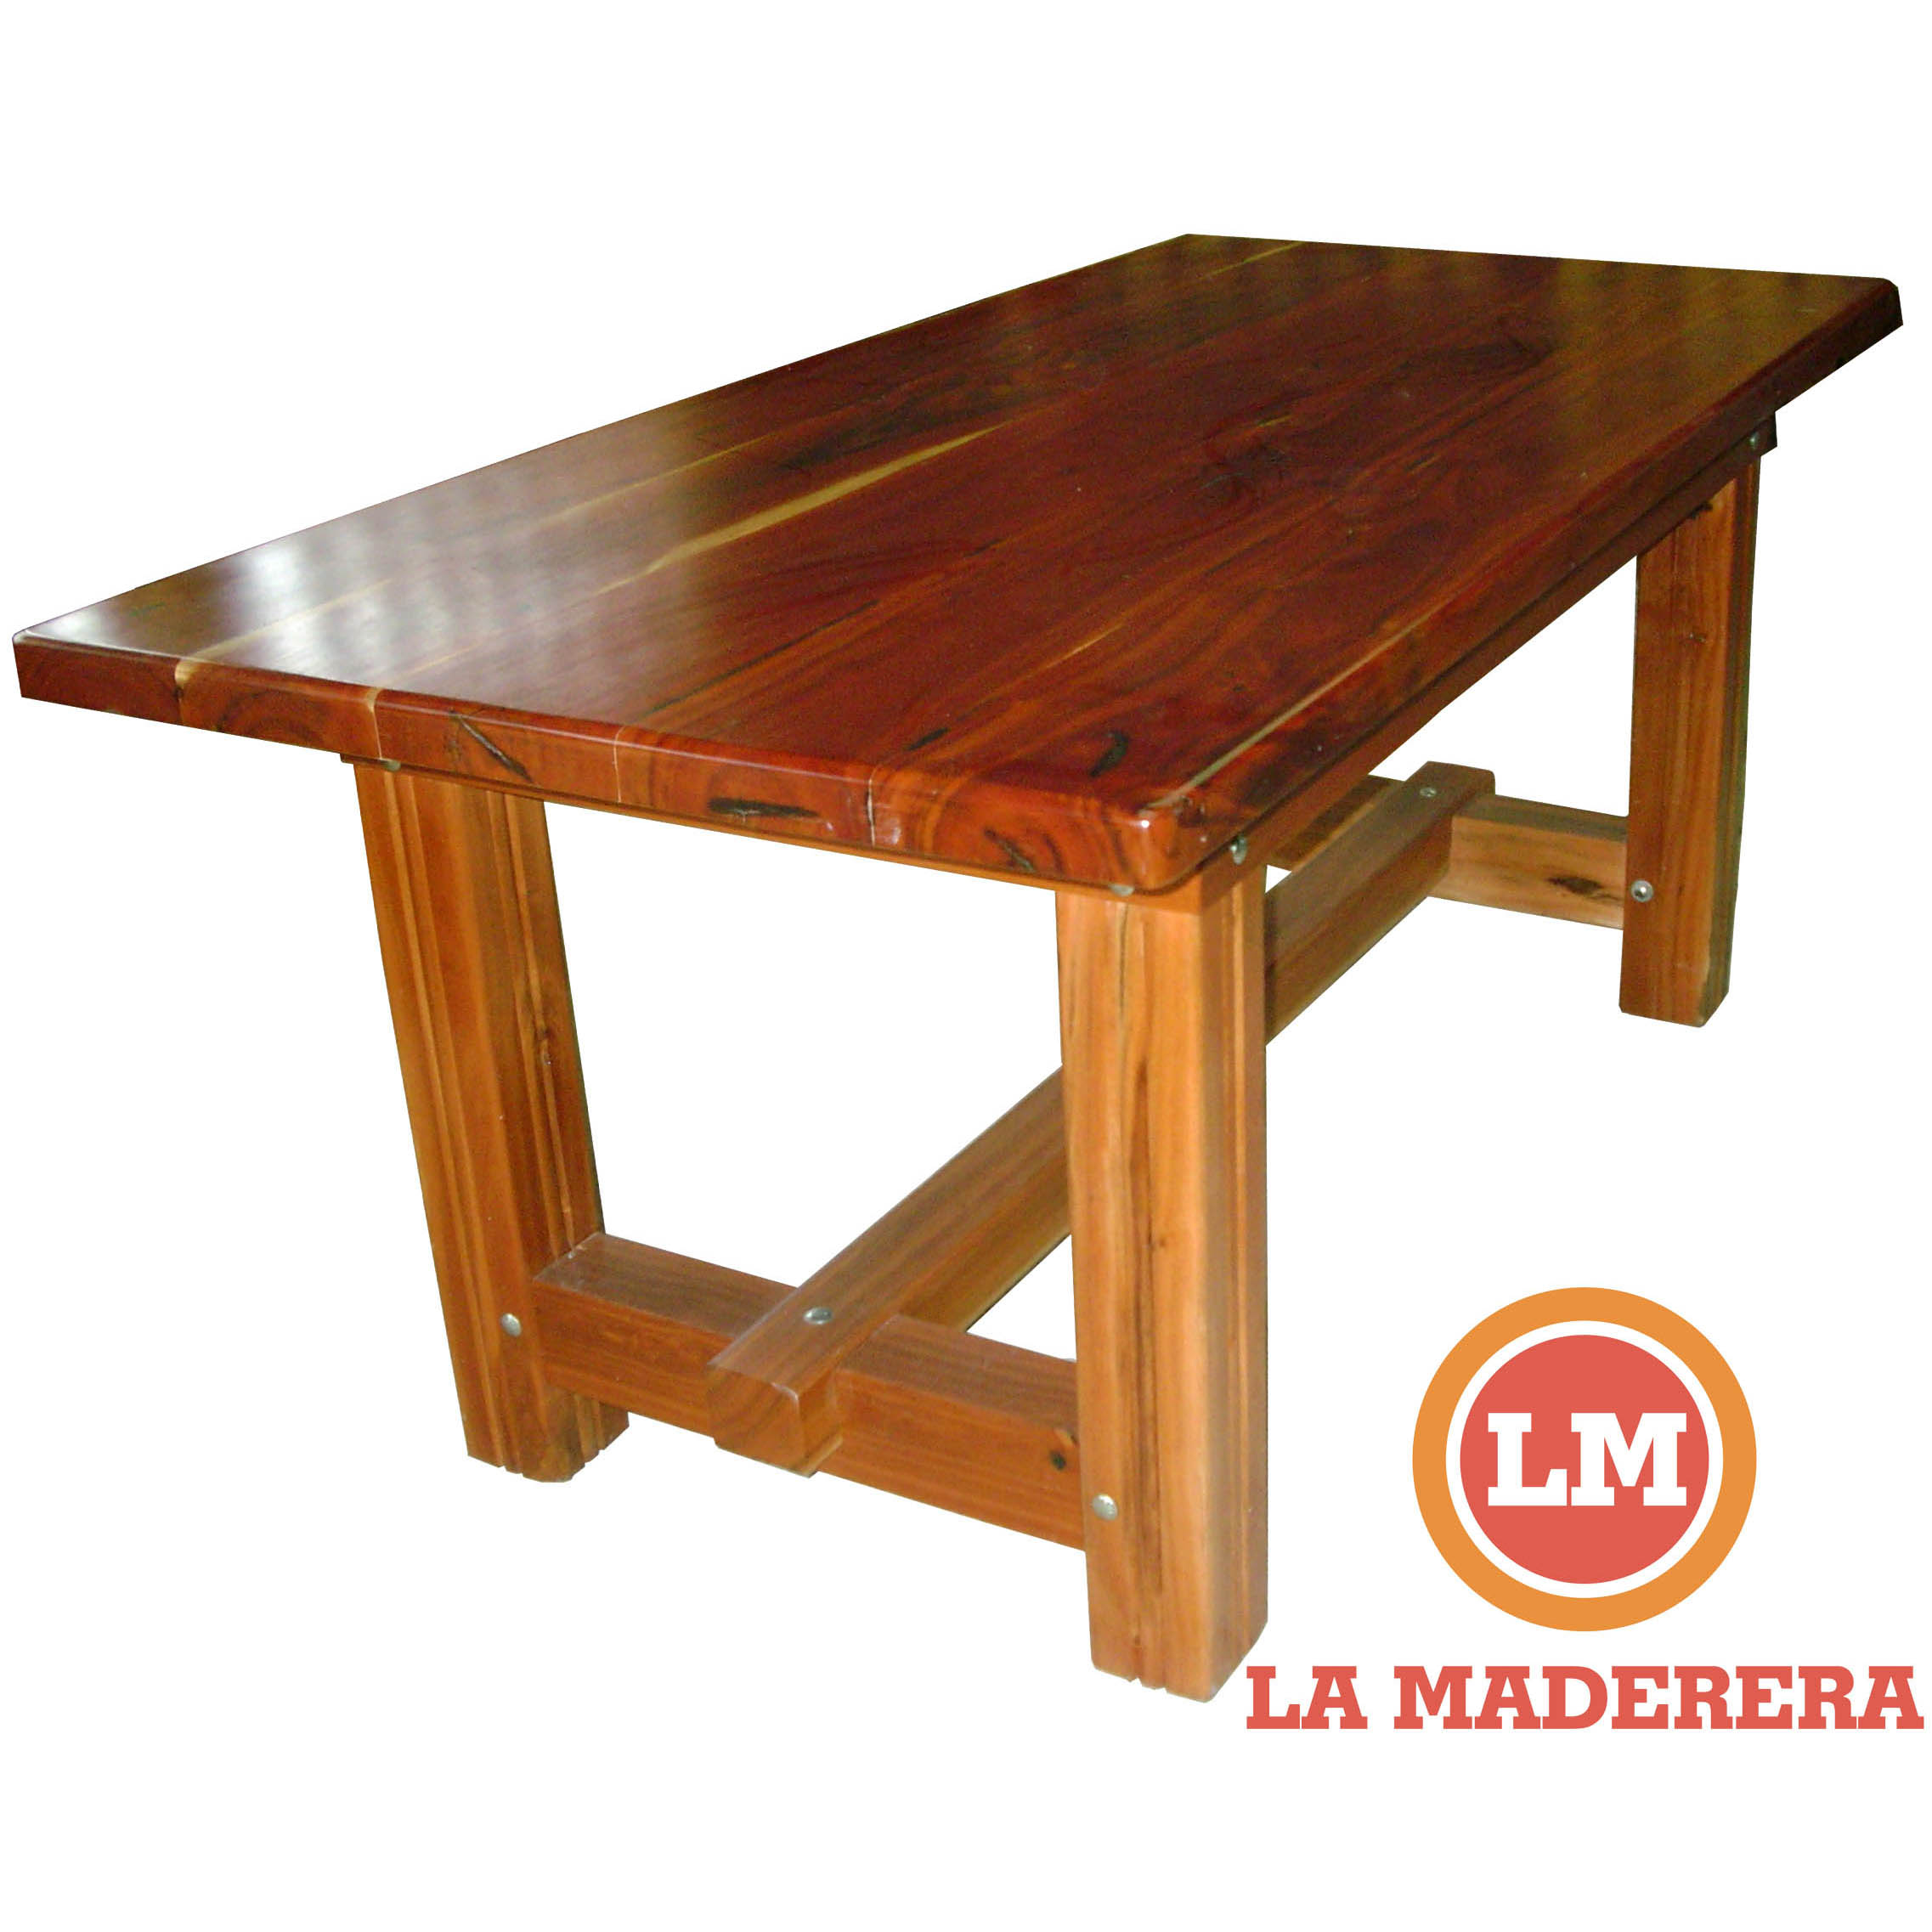 Modelos varios de mesa en quebracho colorado nuevo. | LA ...